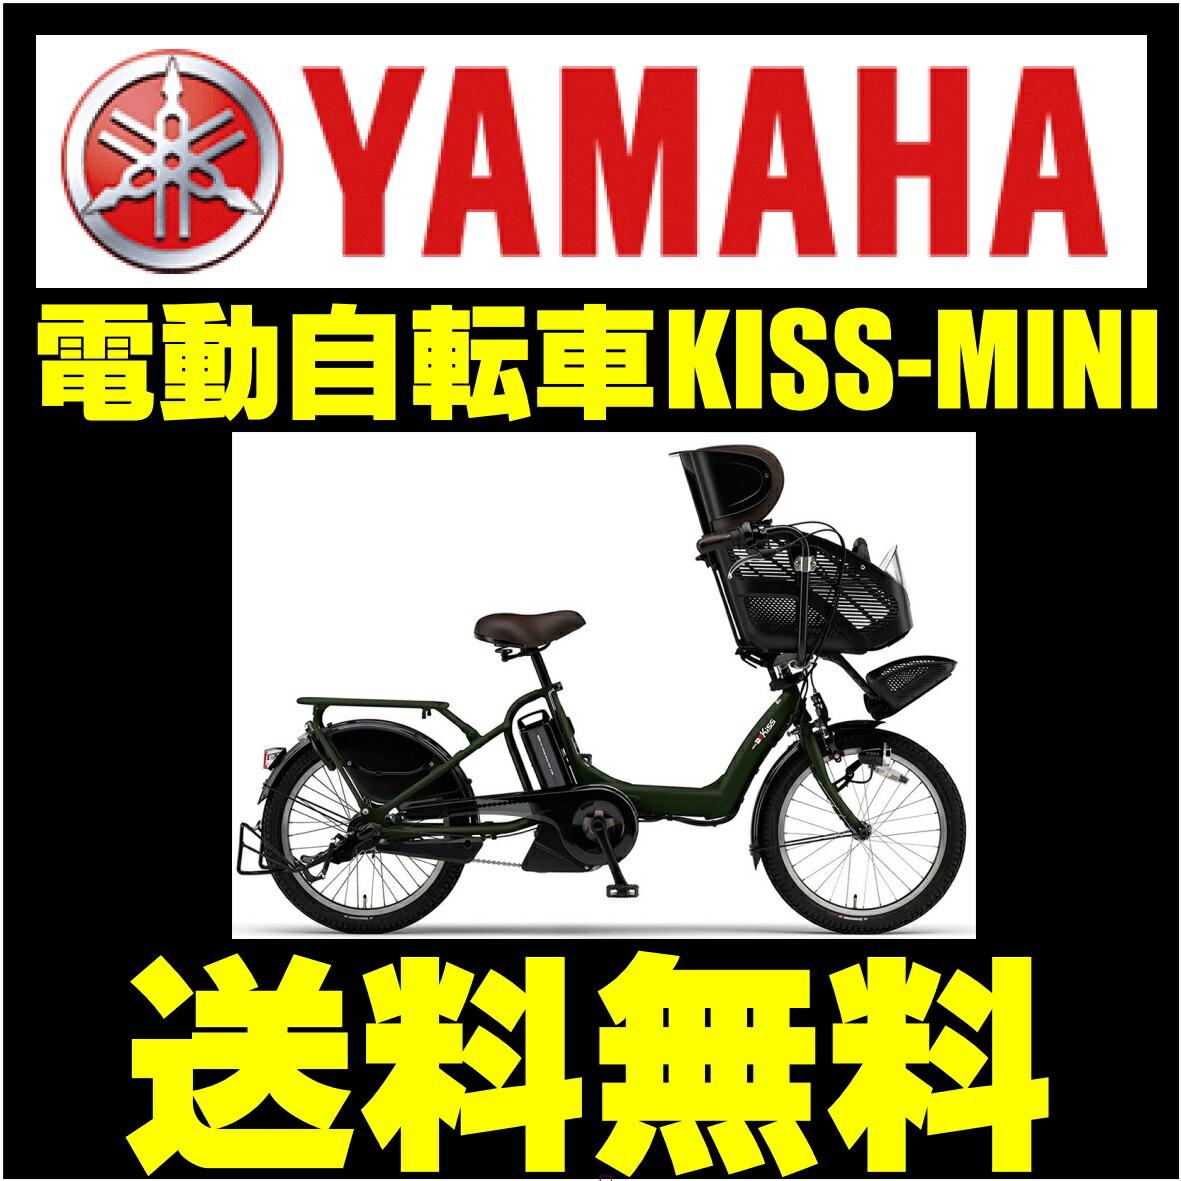 電動アシスト自転車 ヤマハ PAS Kiss mini 20型 電動自転車 マットオリーブ グリーン 内装3段ギア 2016年モデル 20インチ 激安 格安